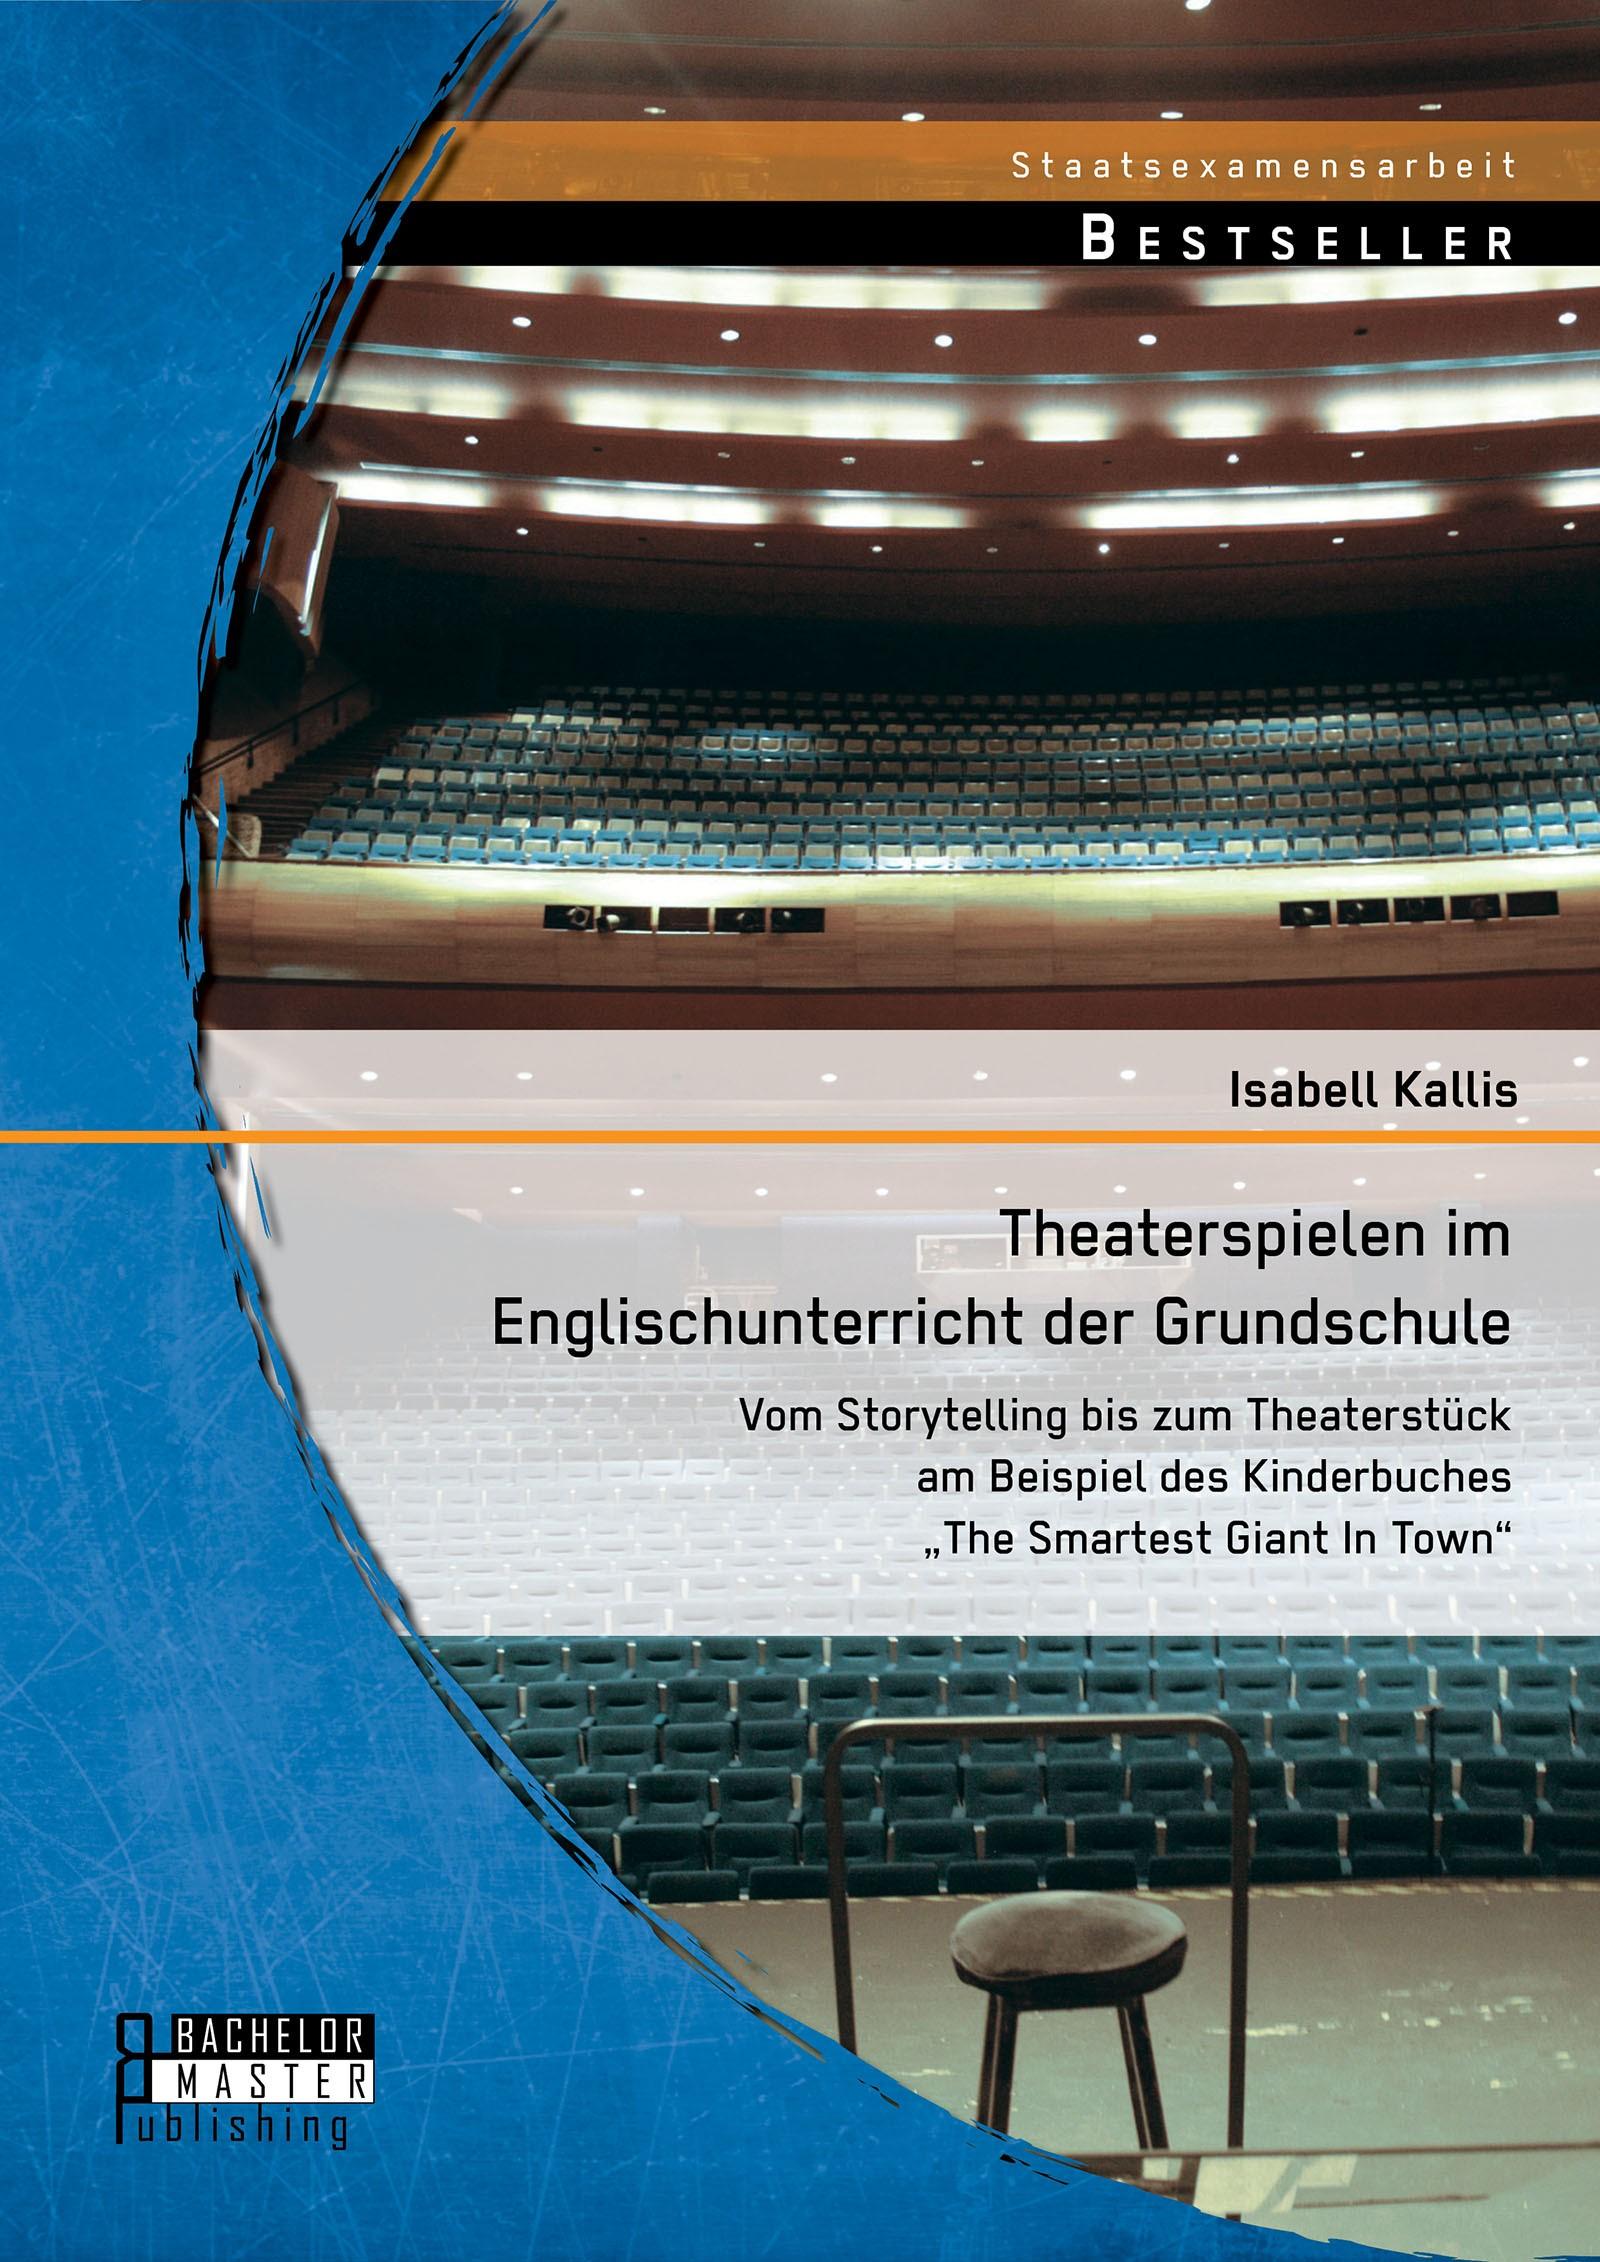 Theaterspielen im Englischunterricht der Grundschule | Kallis | Erstauflage, 2014 | Buch (Cover)